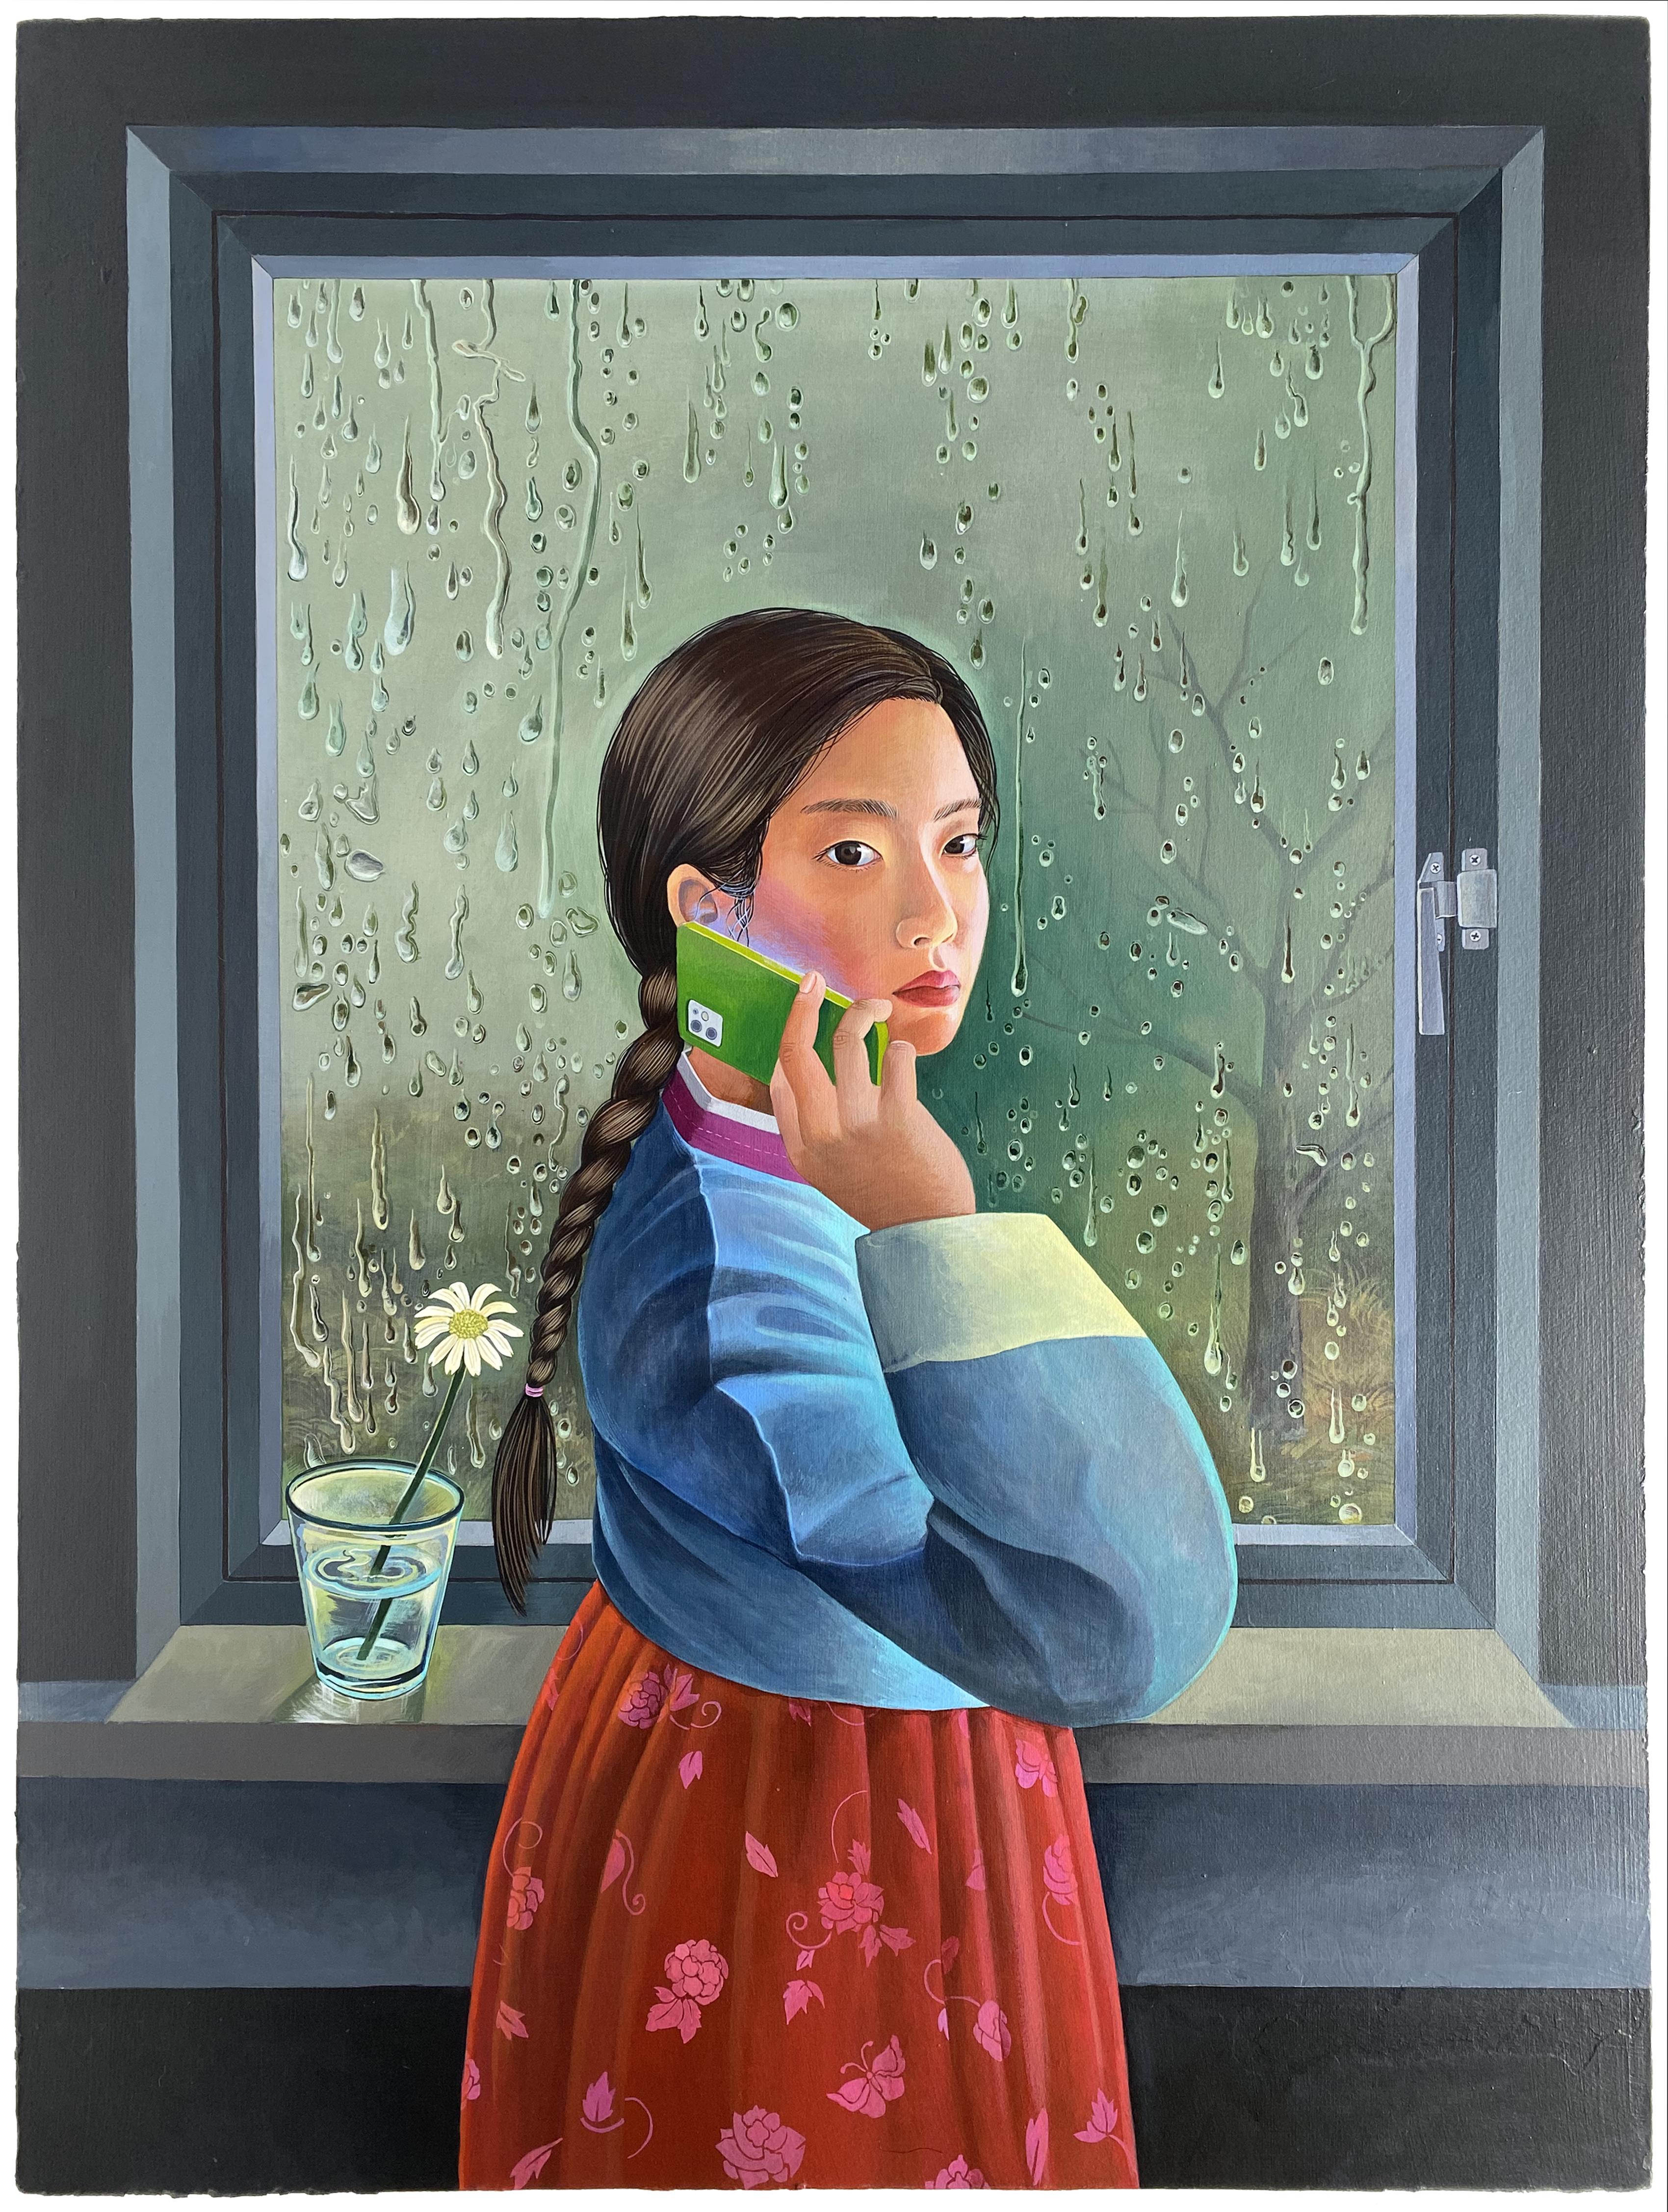 Sally J. Han, <em>A Call</em>, 2021. Courtesy of Fortnight Institute.